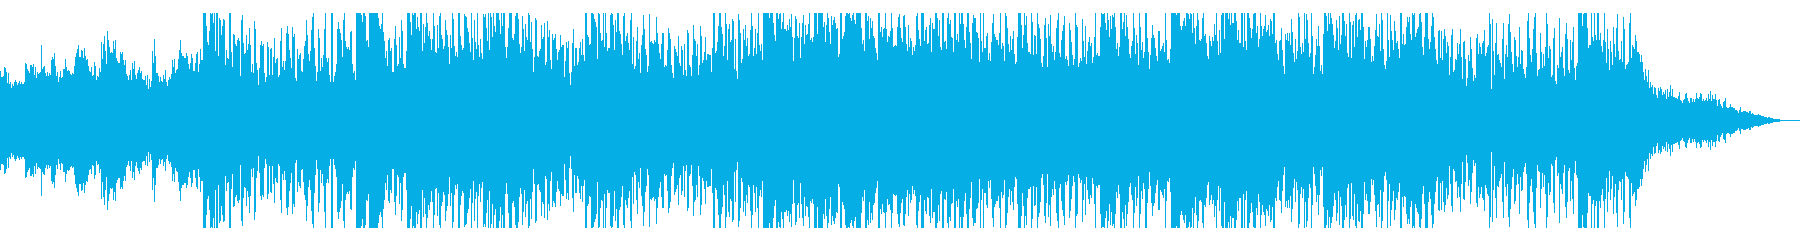 デジタル空間のテクスチャの再生済みの波形